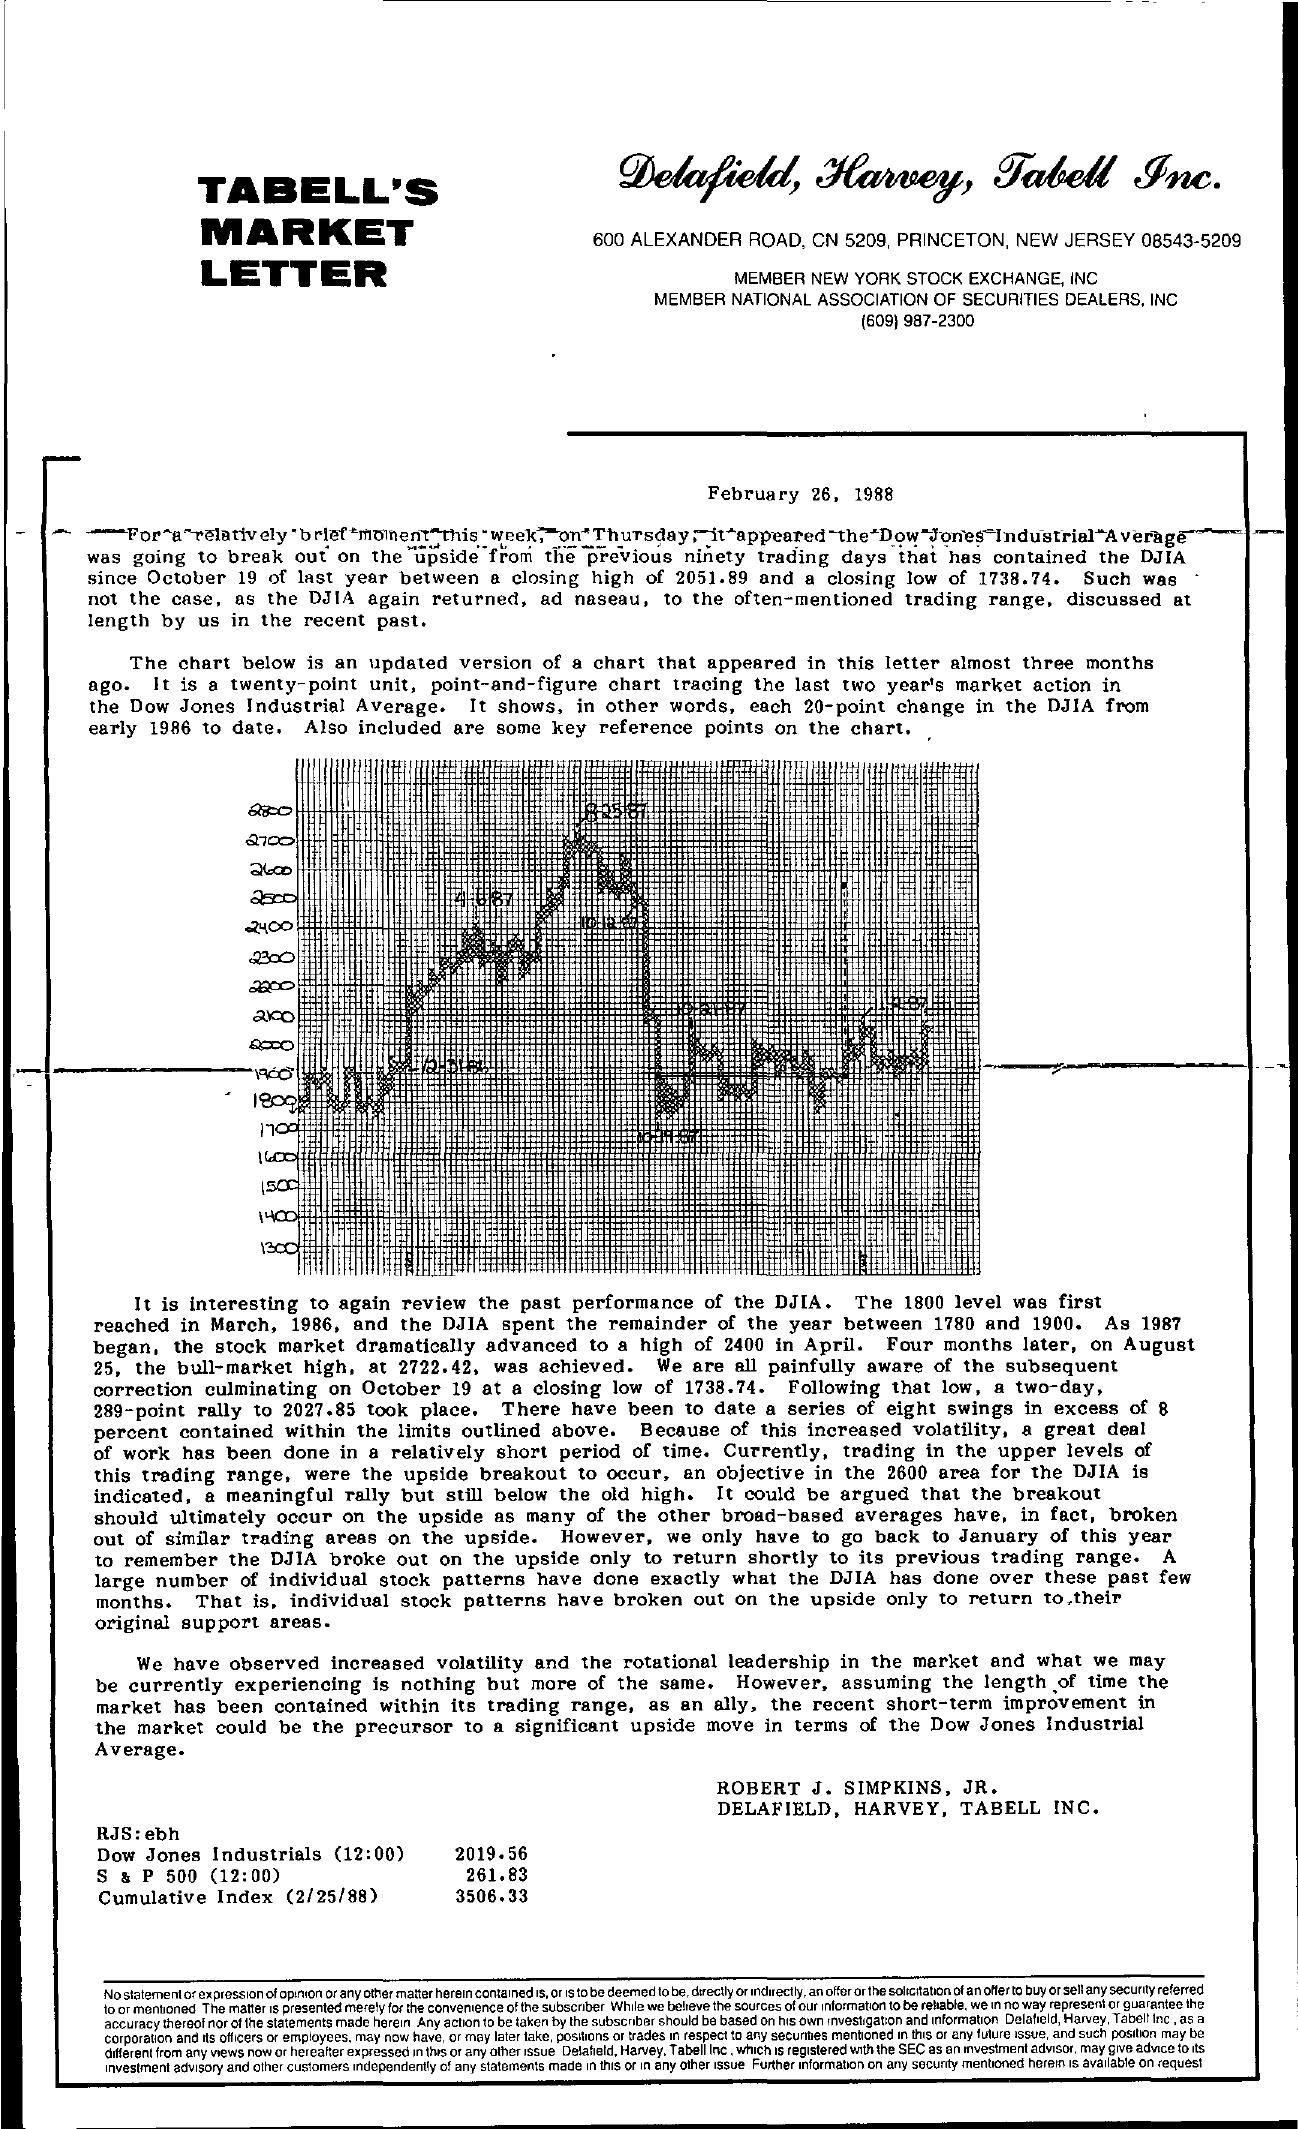 Tabell's Market Letter - February 26, 1988